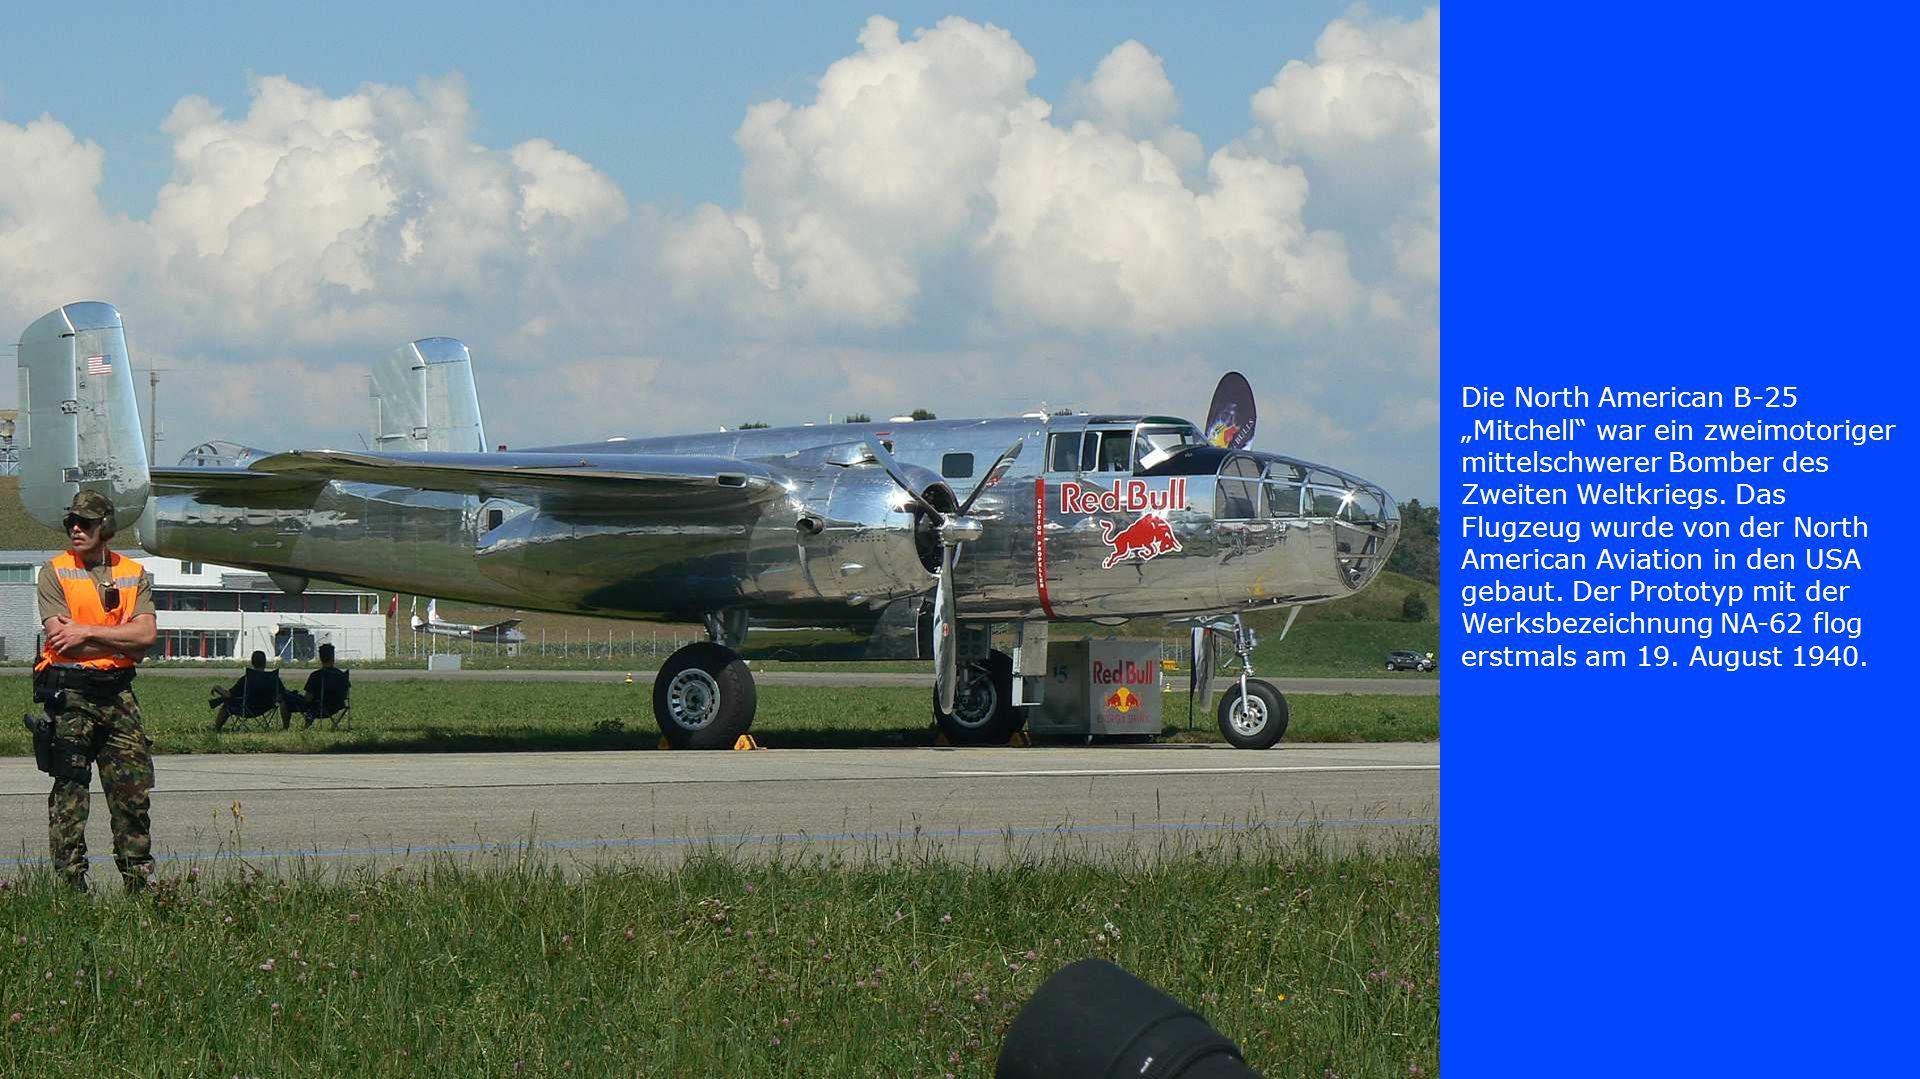 """Die North American B-25 """"Mitchell"""" war ein zweimotoriger mittelschwerer Bomber des Zweiten Weltkriegs. Das Flugzeug wurde von der North American Aviat"""